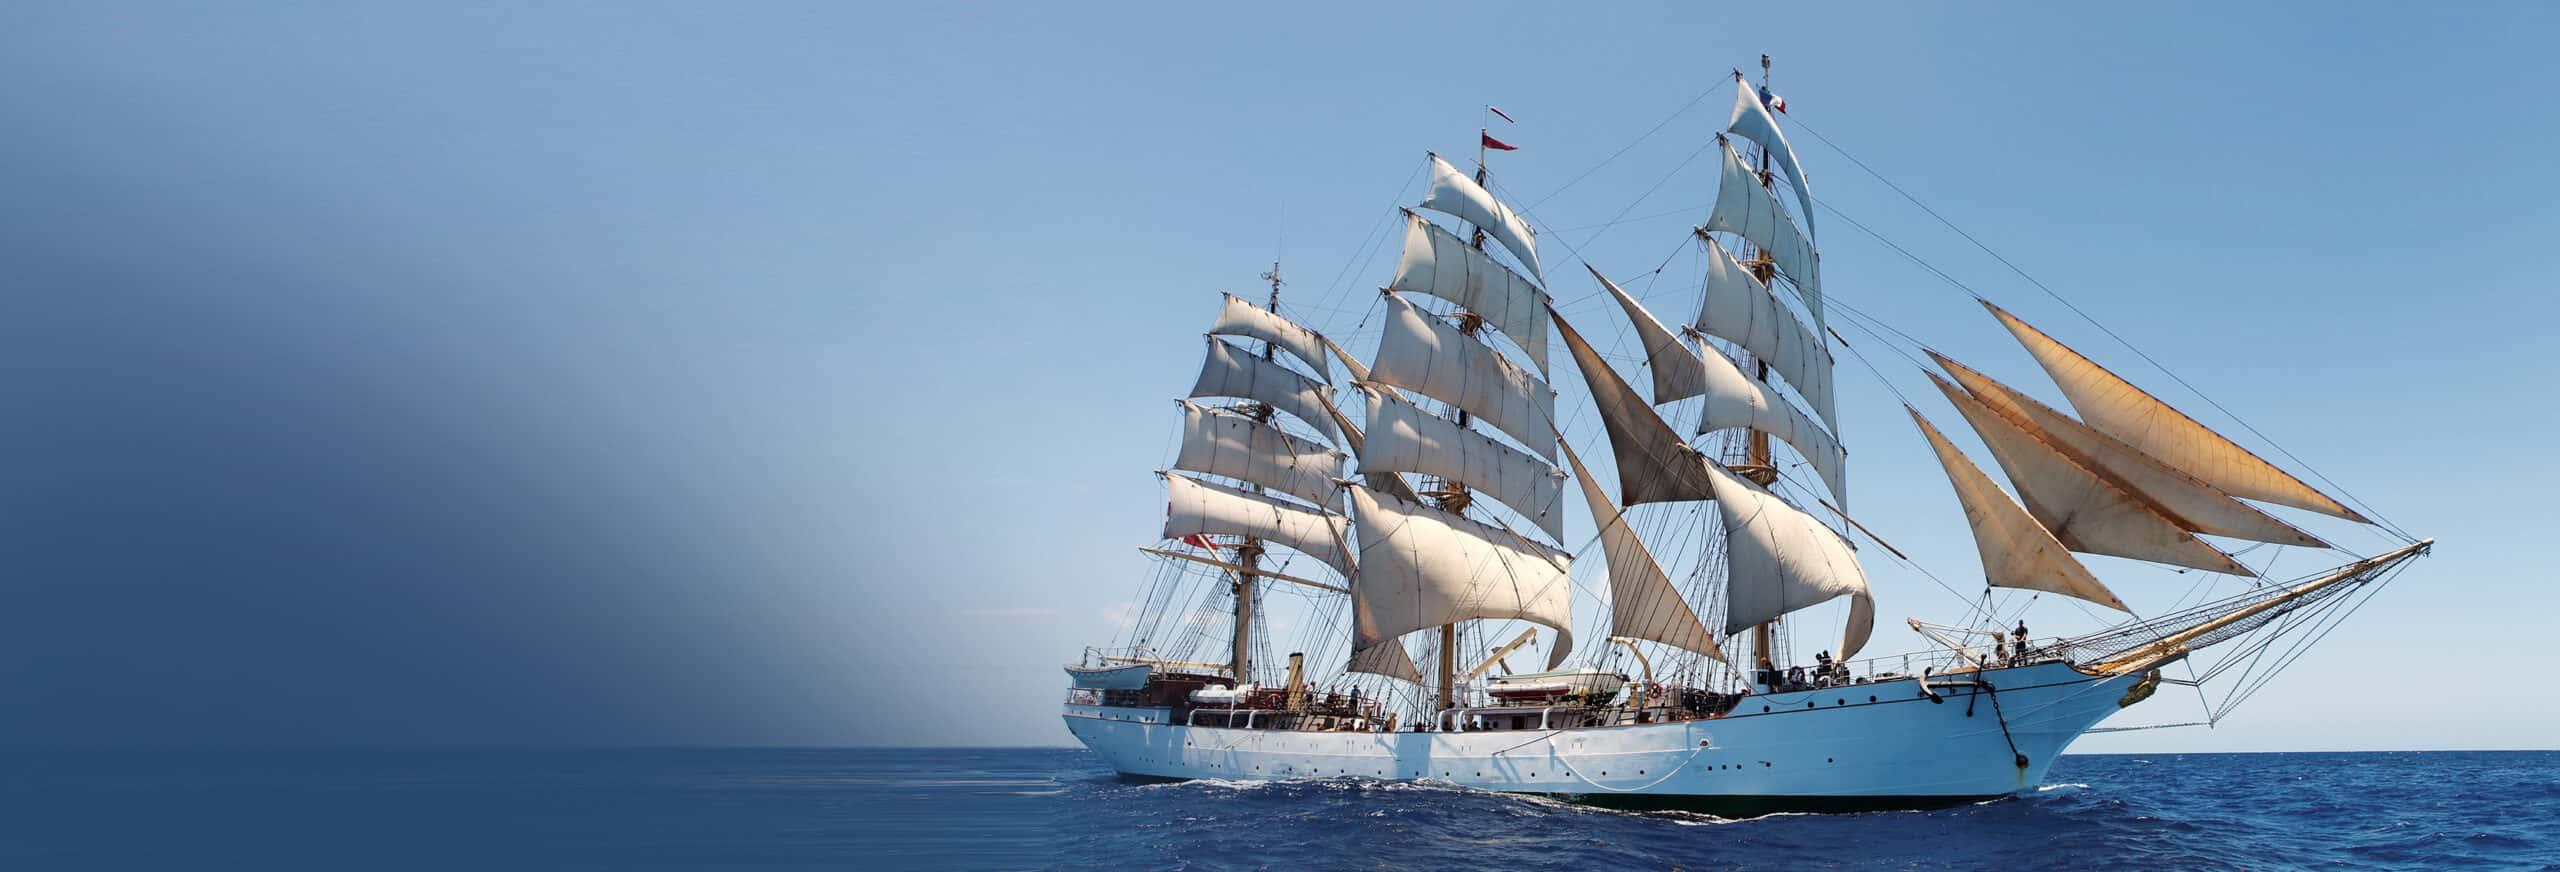 Sejlskib anvendes i uddannelsen